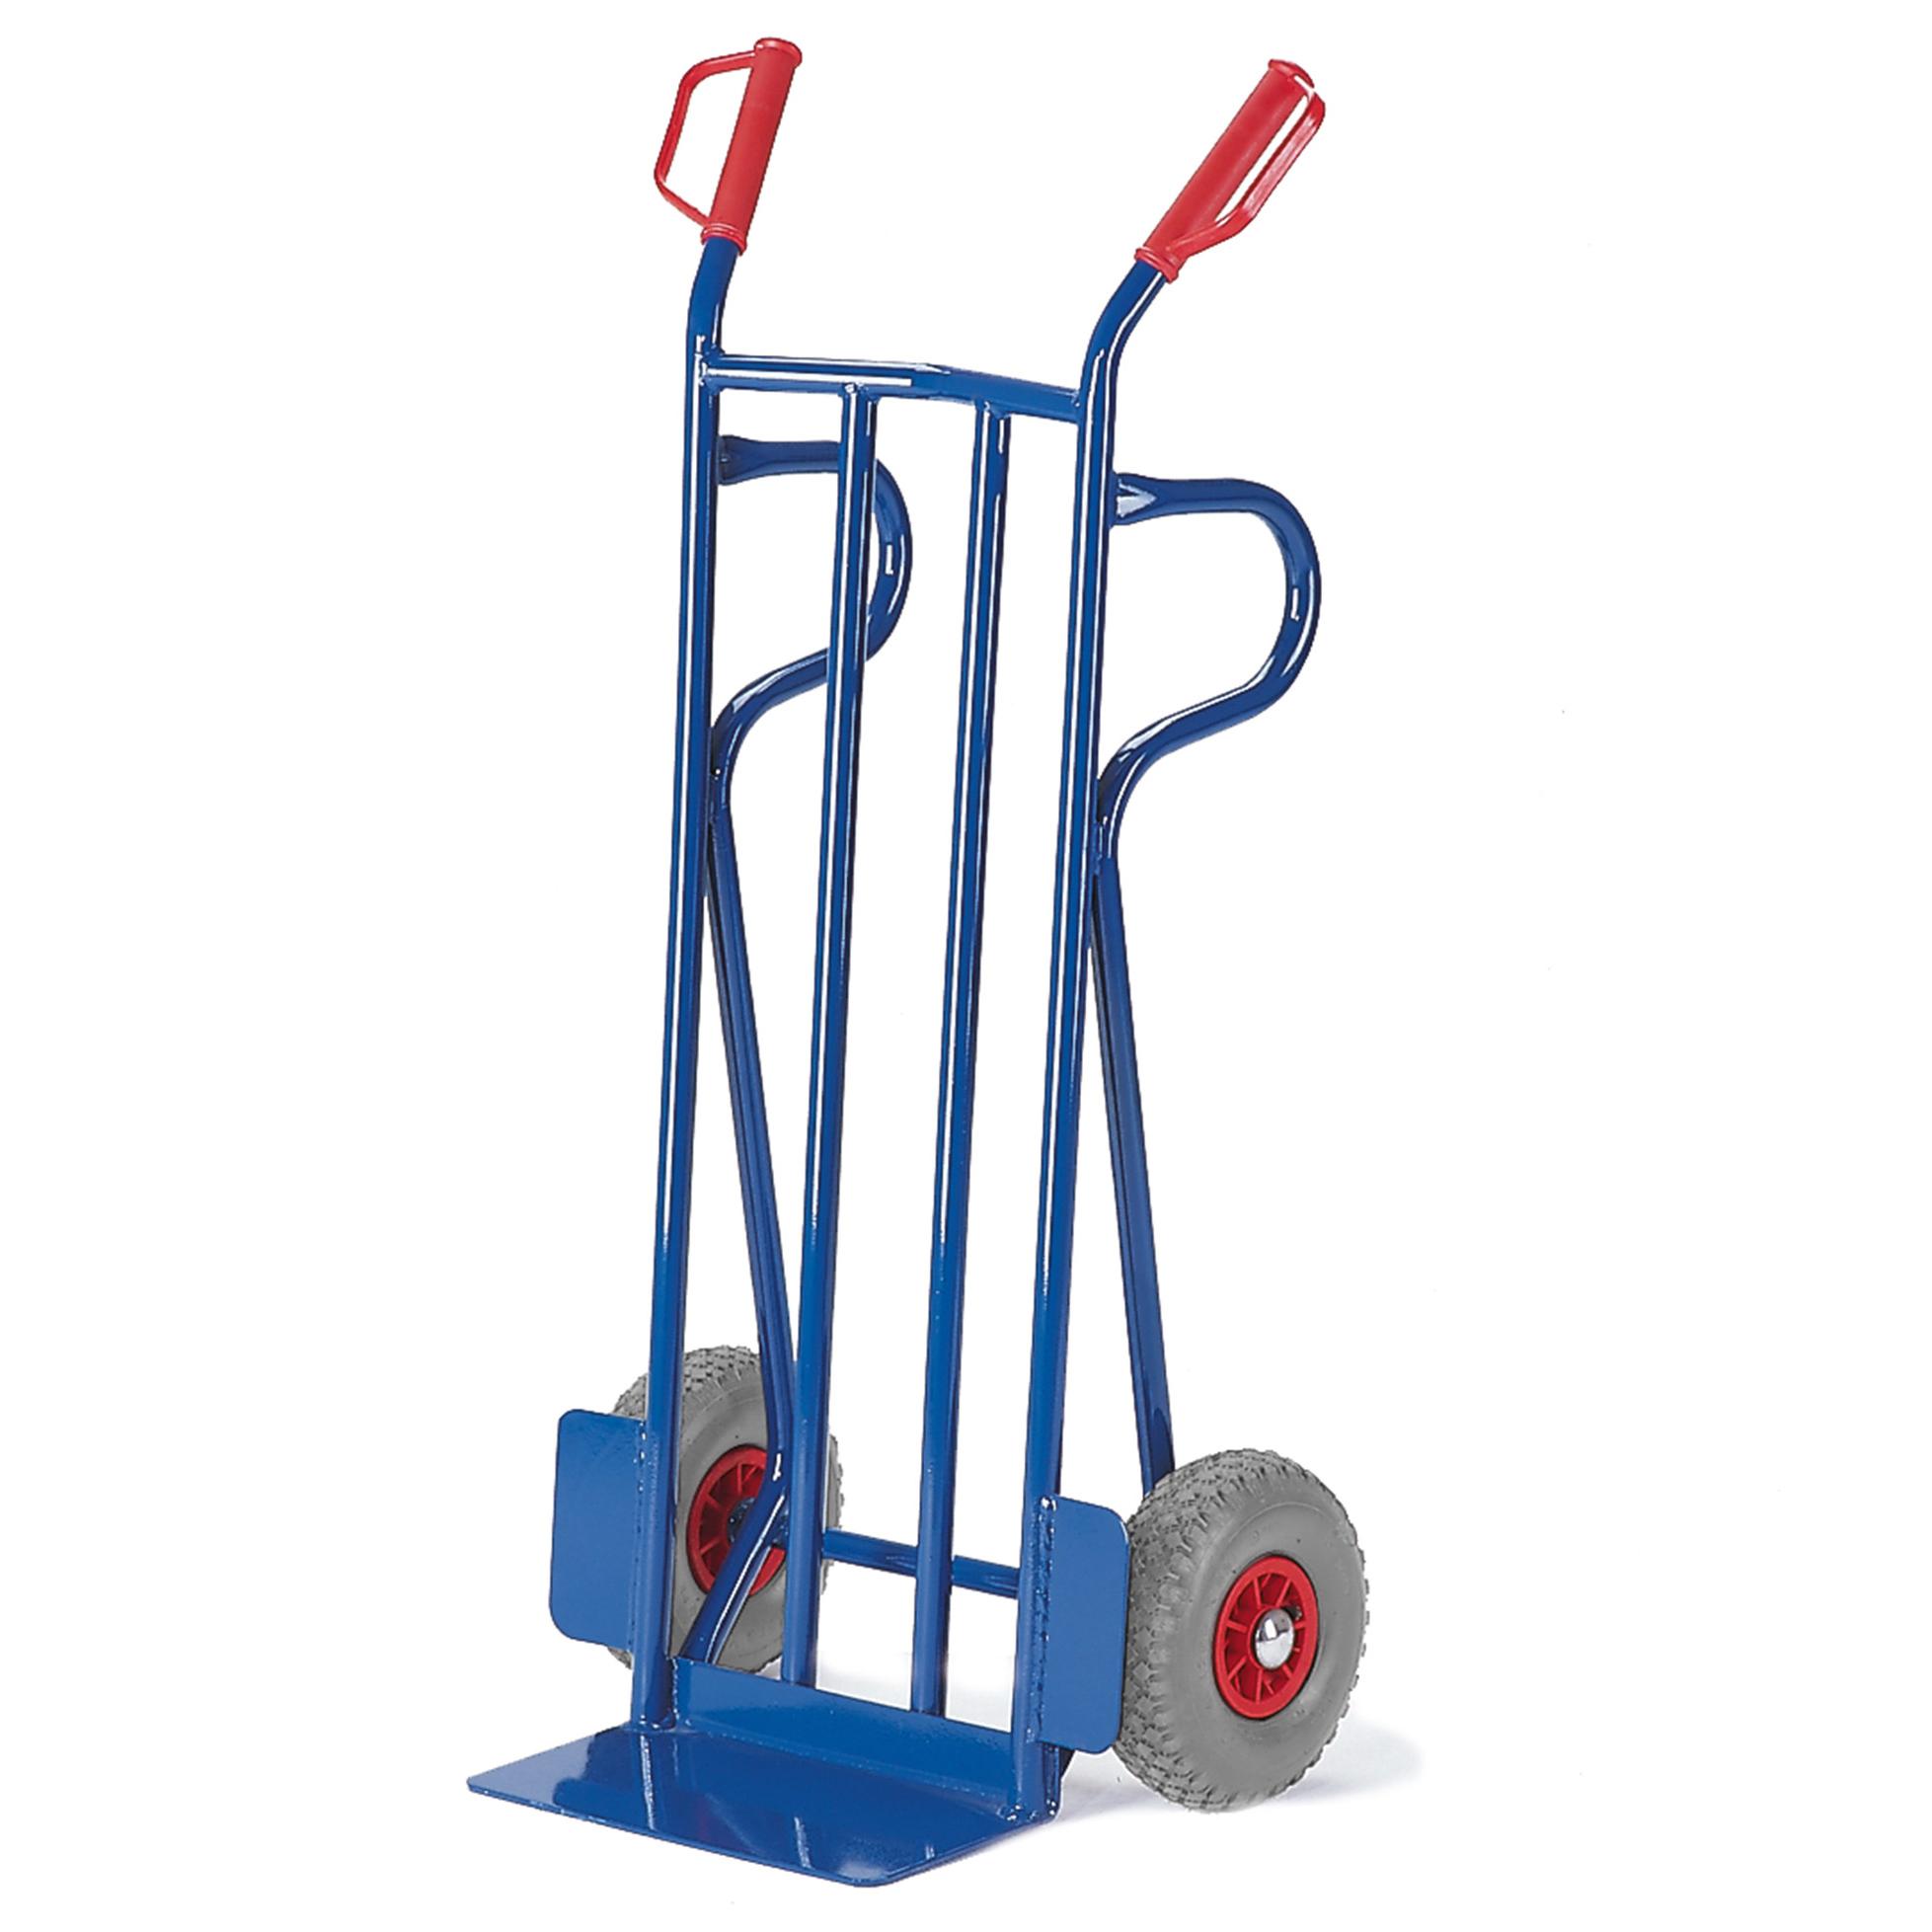 Rollcart Sackkarre -964- mit Rückwand aus Flachstahl 1250mm hoch Schaufelbreite 400mm Vollgummi 22-9641